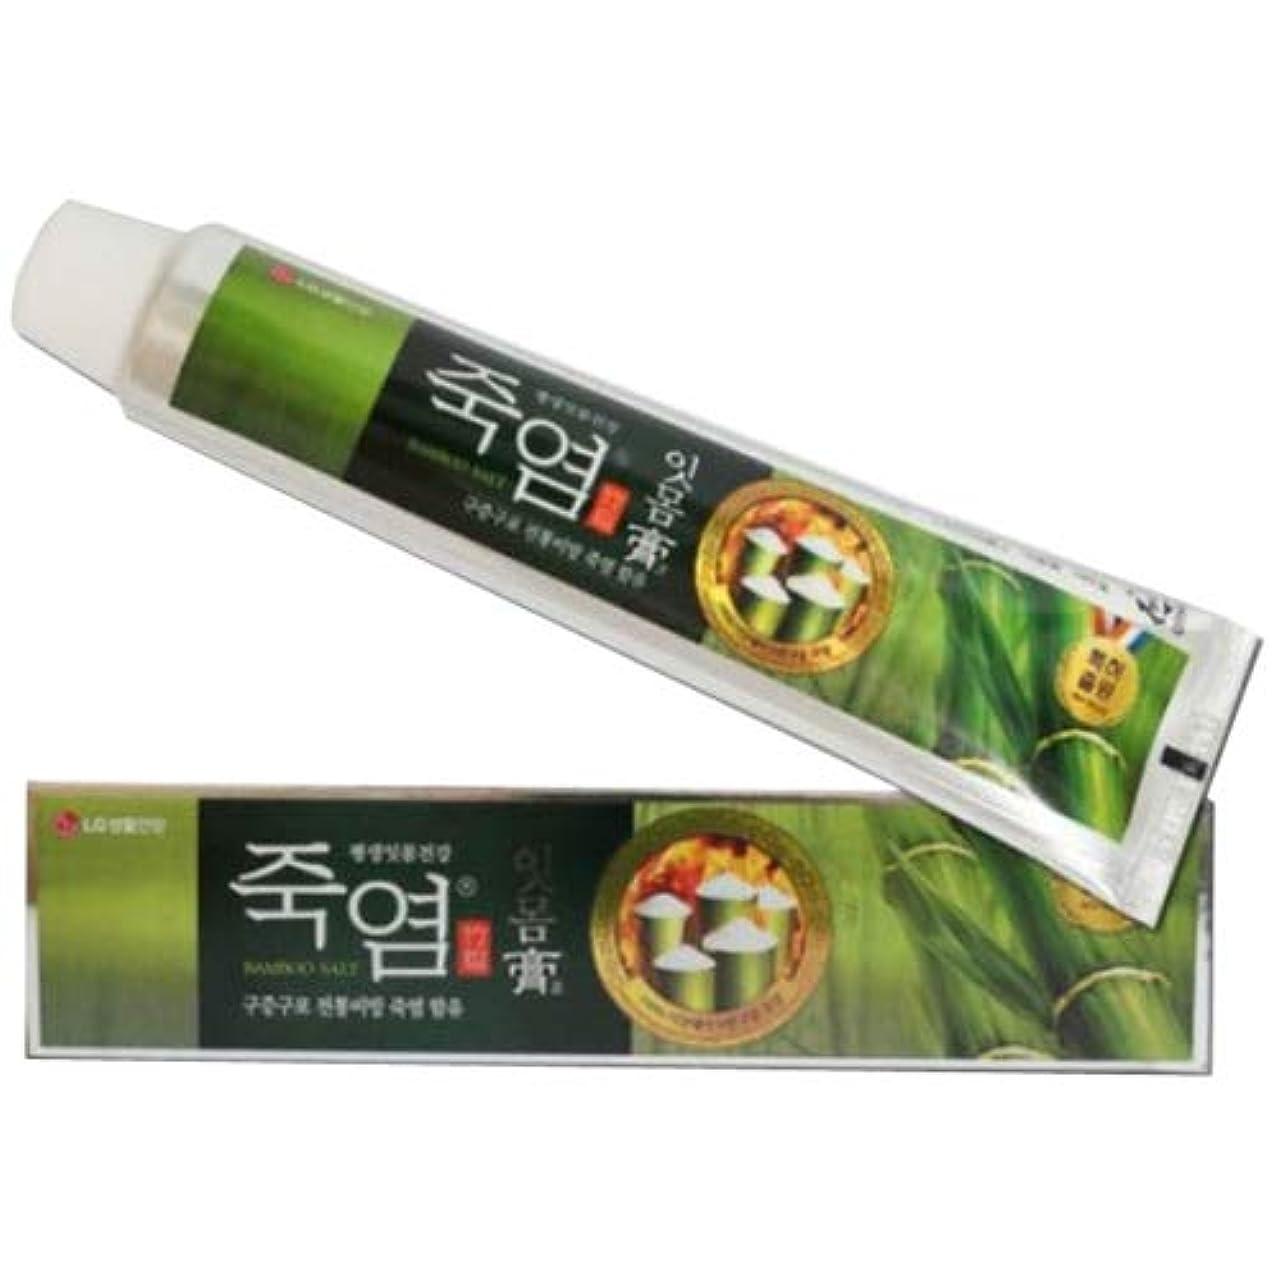 スリップ正しく気性LG生活健康 竹塩歯磨き粉 (歯康膏:ウンガンゴ)(120gx3個) 歯肉炎の予防 歯茎の出血予防